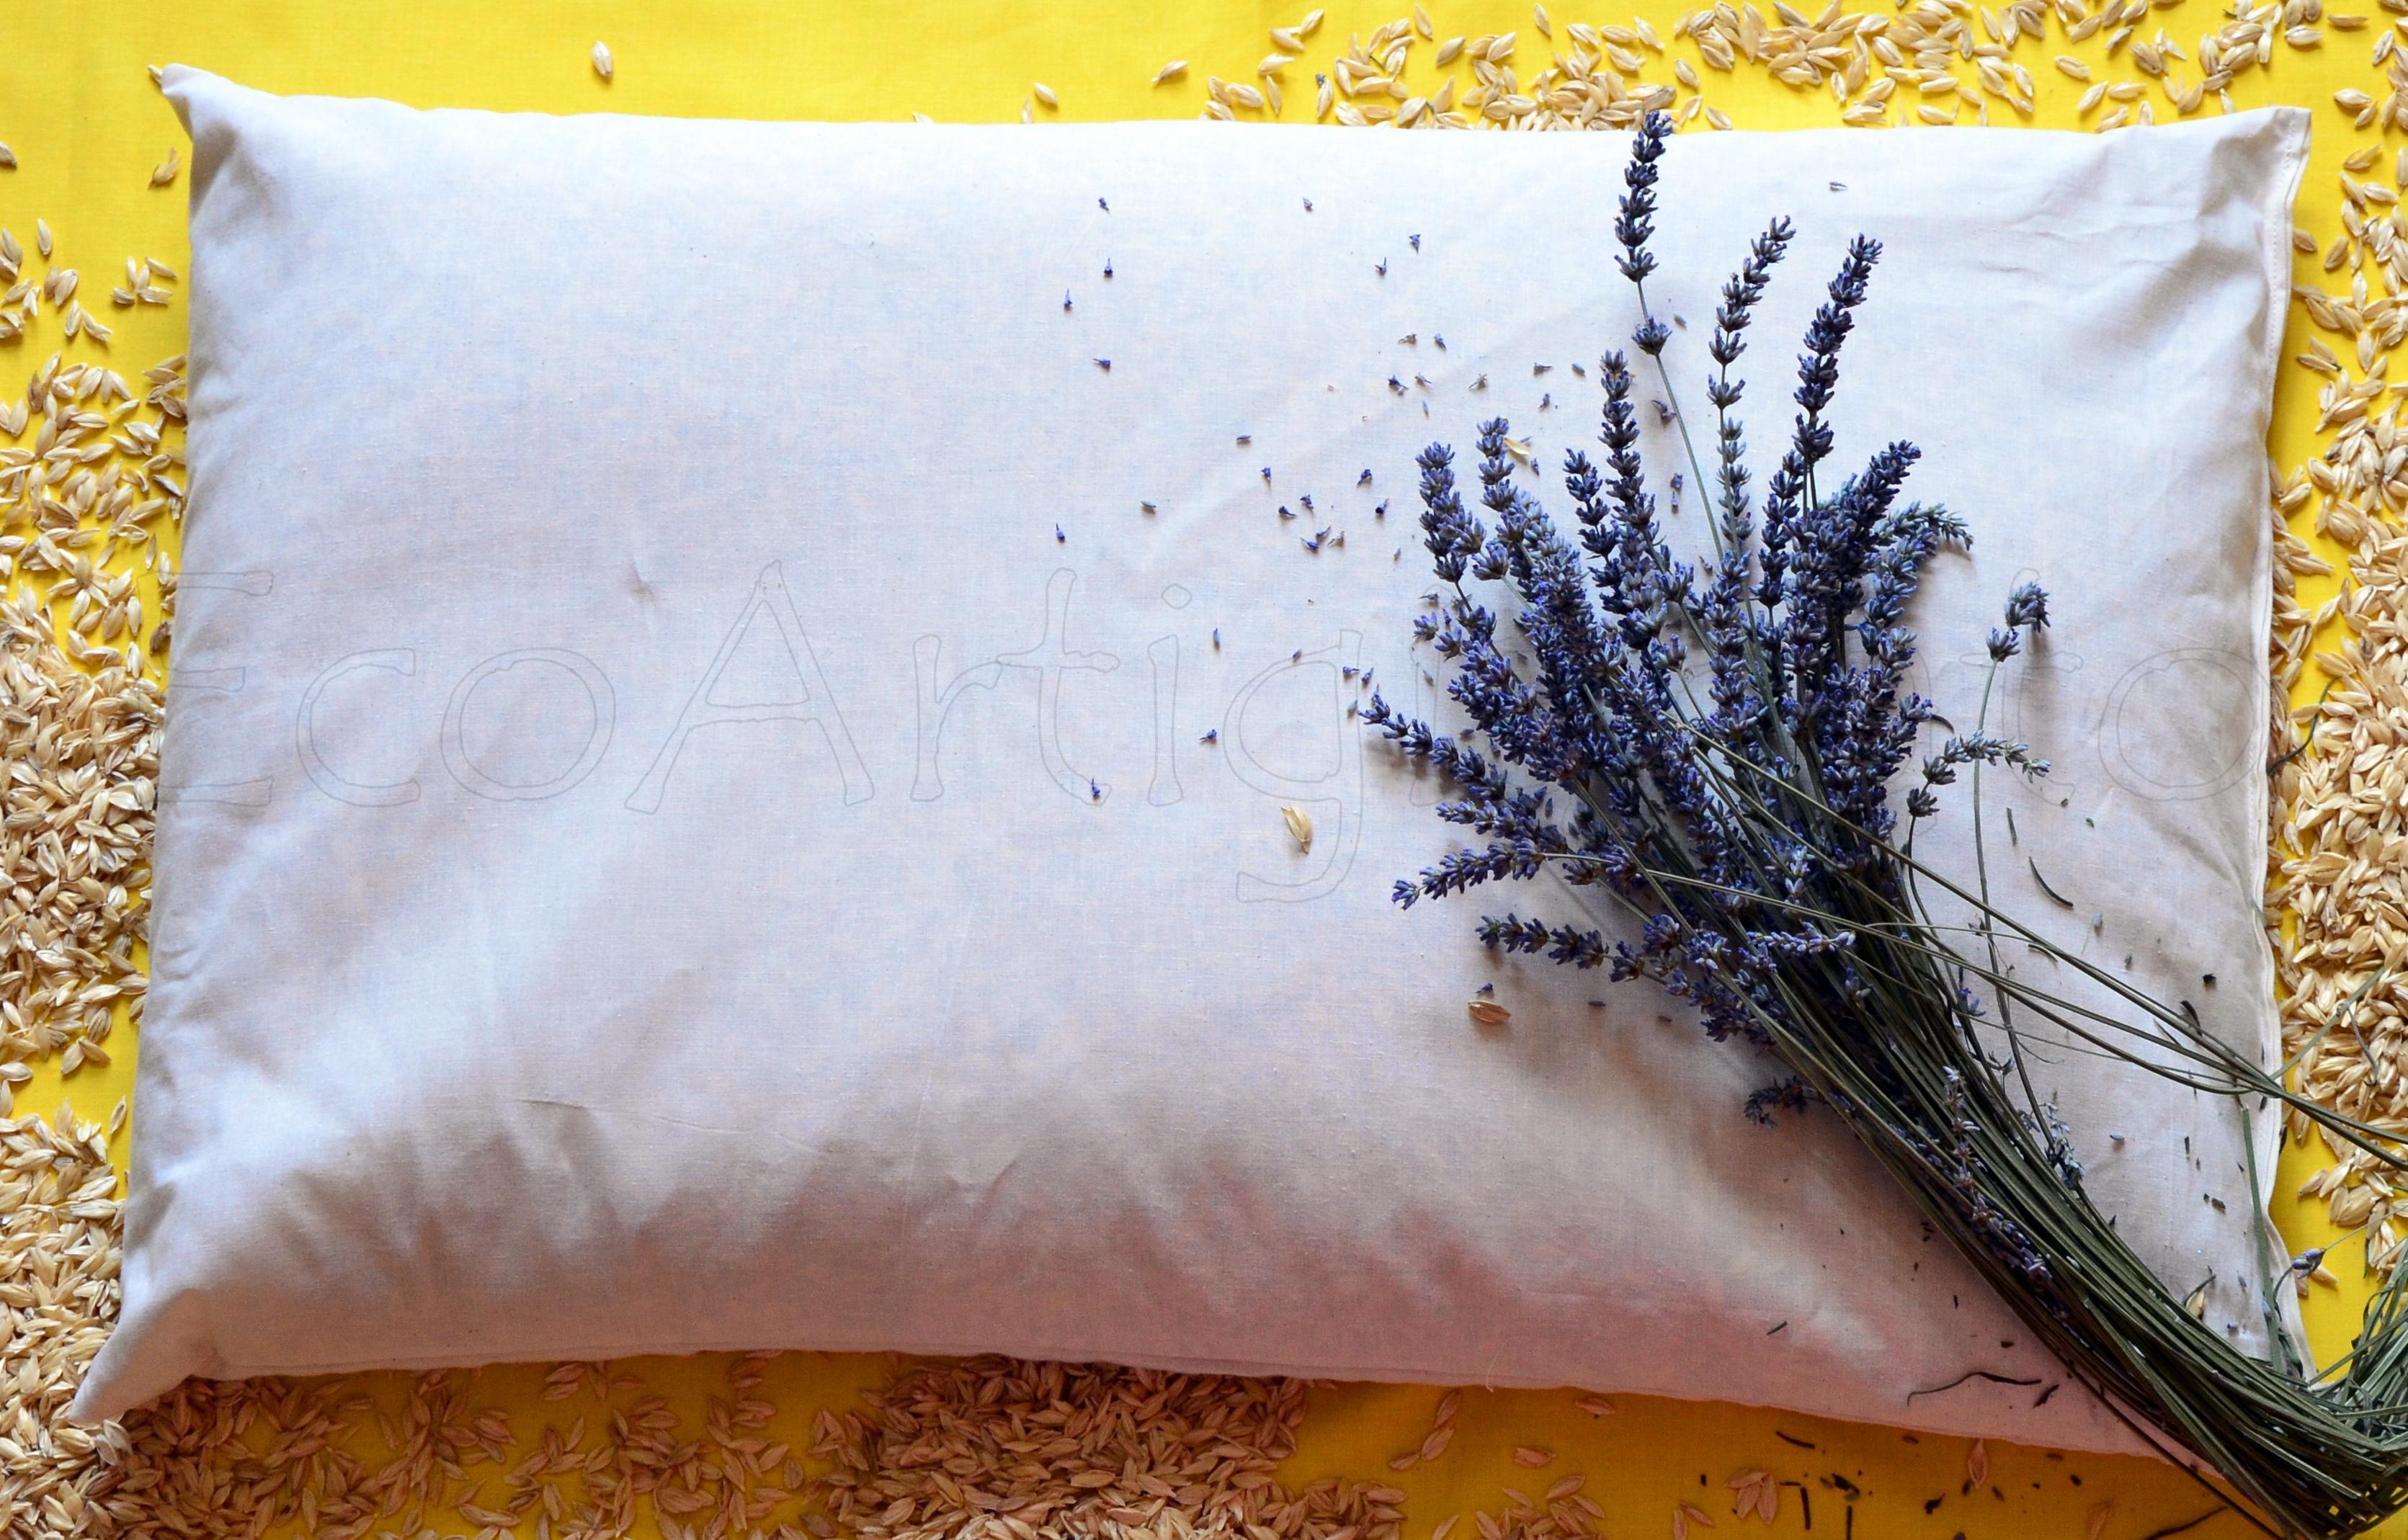 Cuscino Con Pula Di Farro.Aromaterapia Cuscino Guanciale 70x45 Con Pula Di Farro Biologica E Lavanda